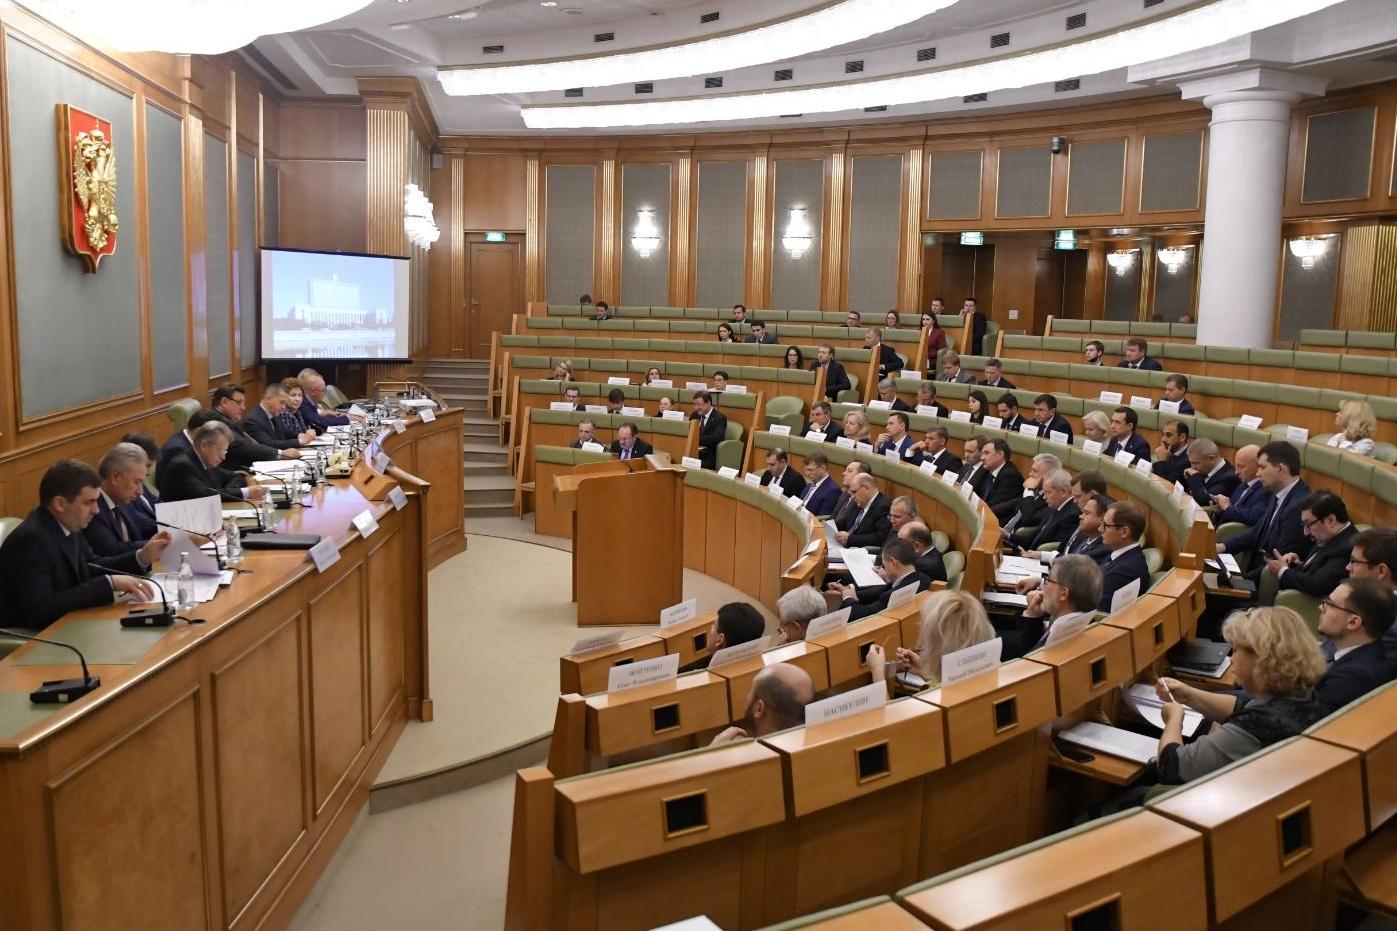 Дмитрий Азаров представил опыт Самарской области по мониторингу реализации нацпроектов на федеральном уровне